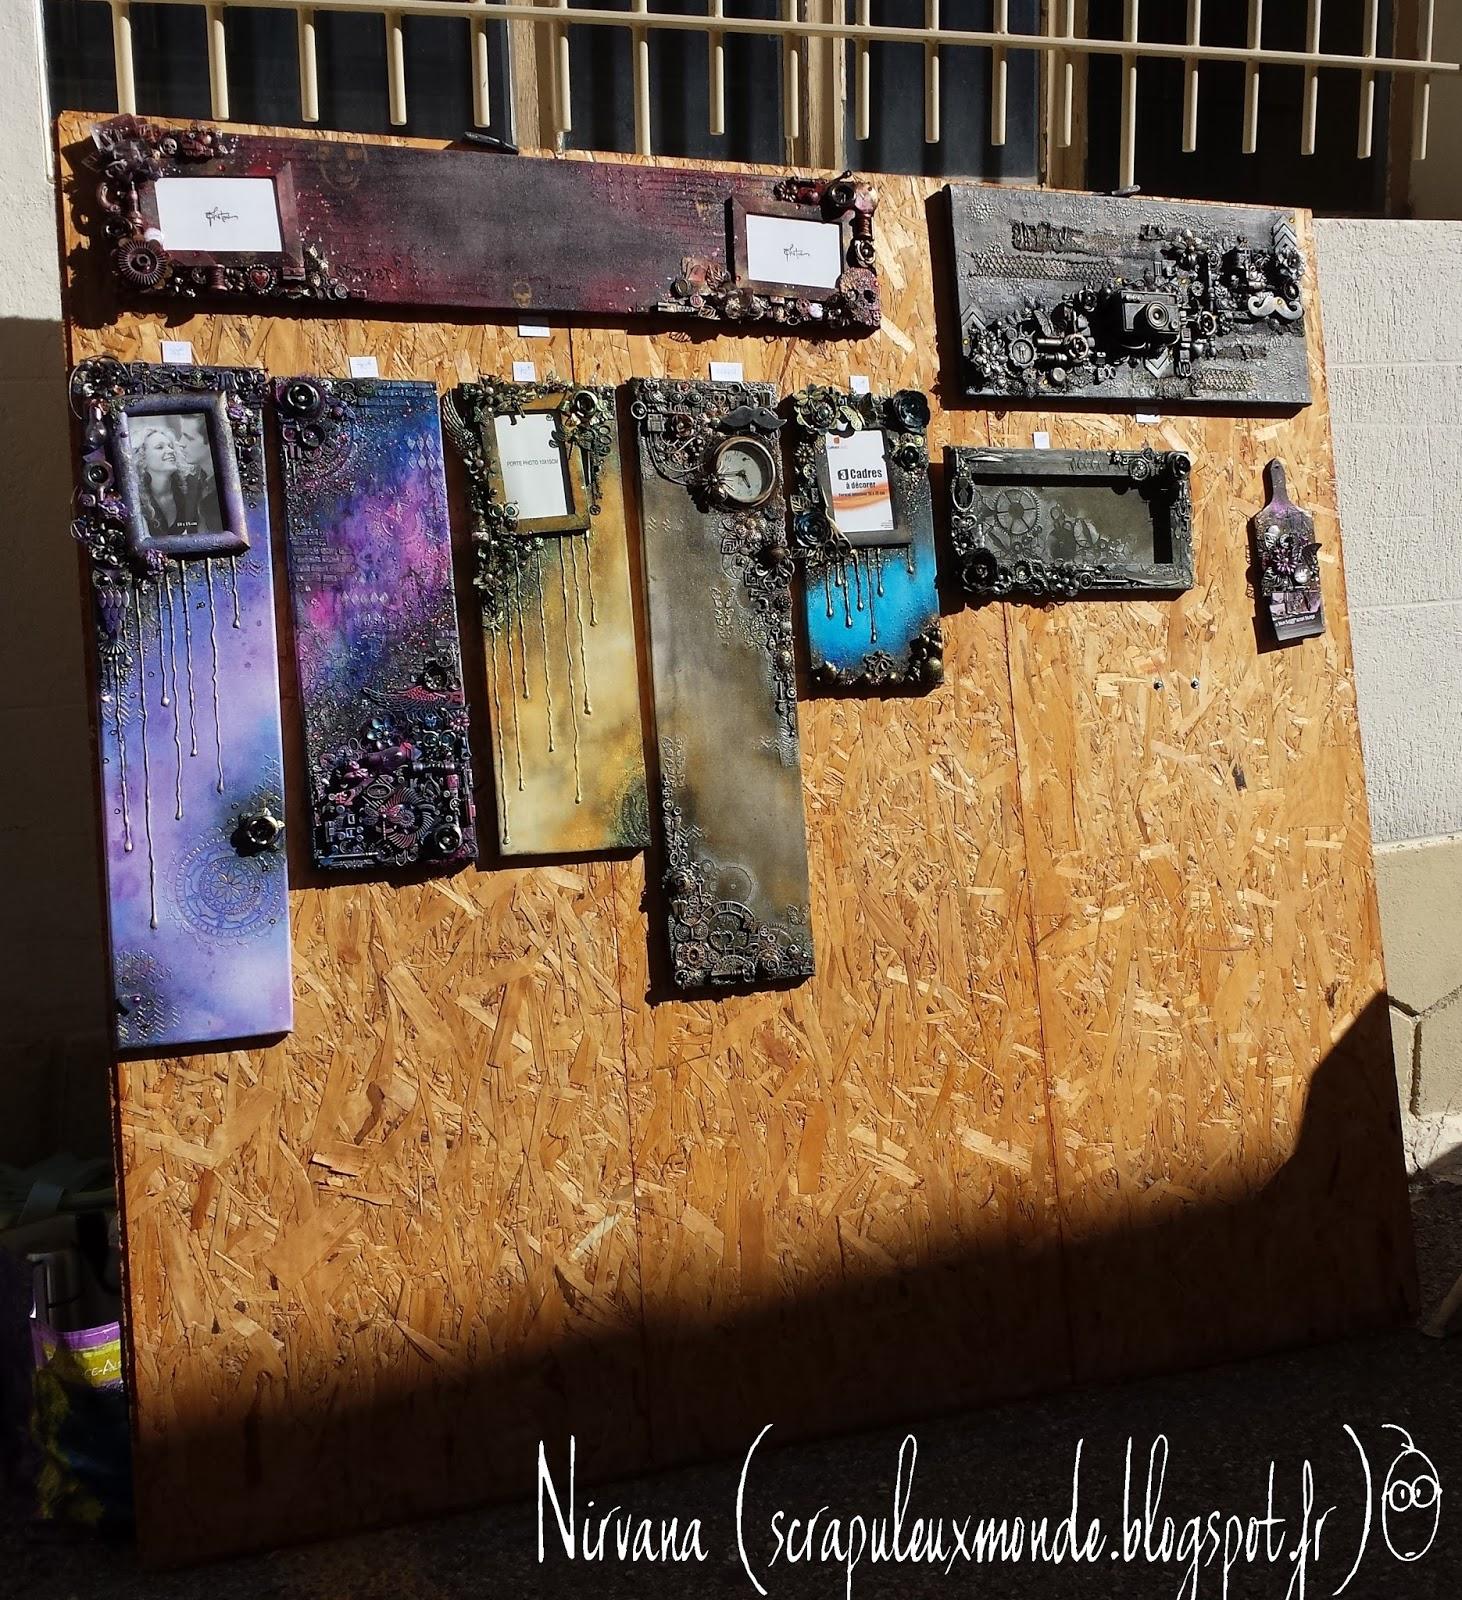 Javais Une Expo Dimanche Lexposition Dart Dans La Rue Graveson 13 Donc Jai Voulu Me Faire Un Petit Support Original Pour Mes Cartes De Visite